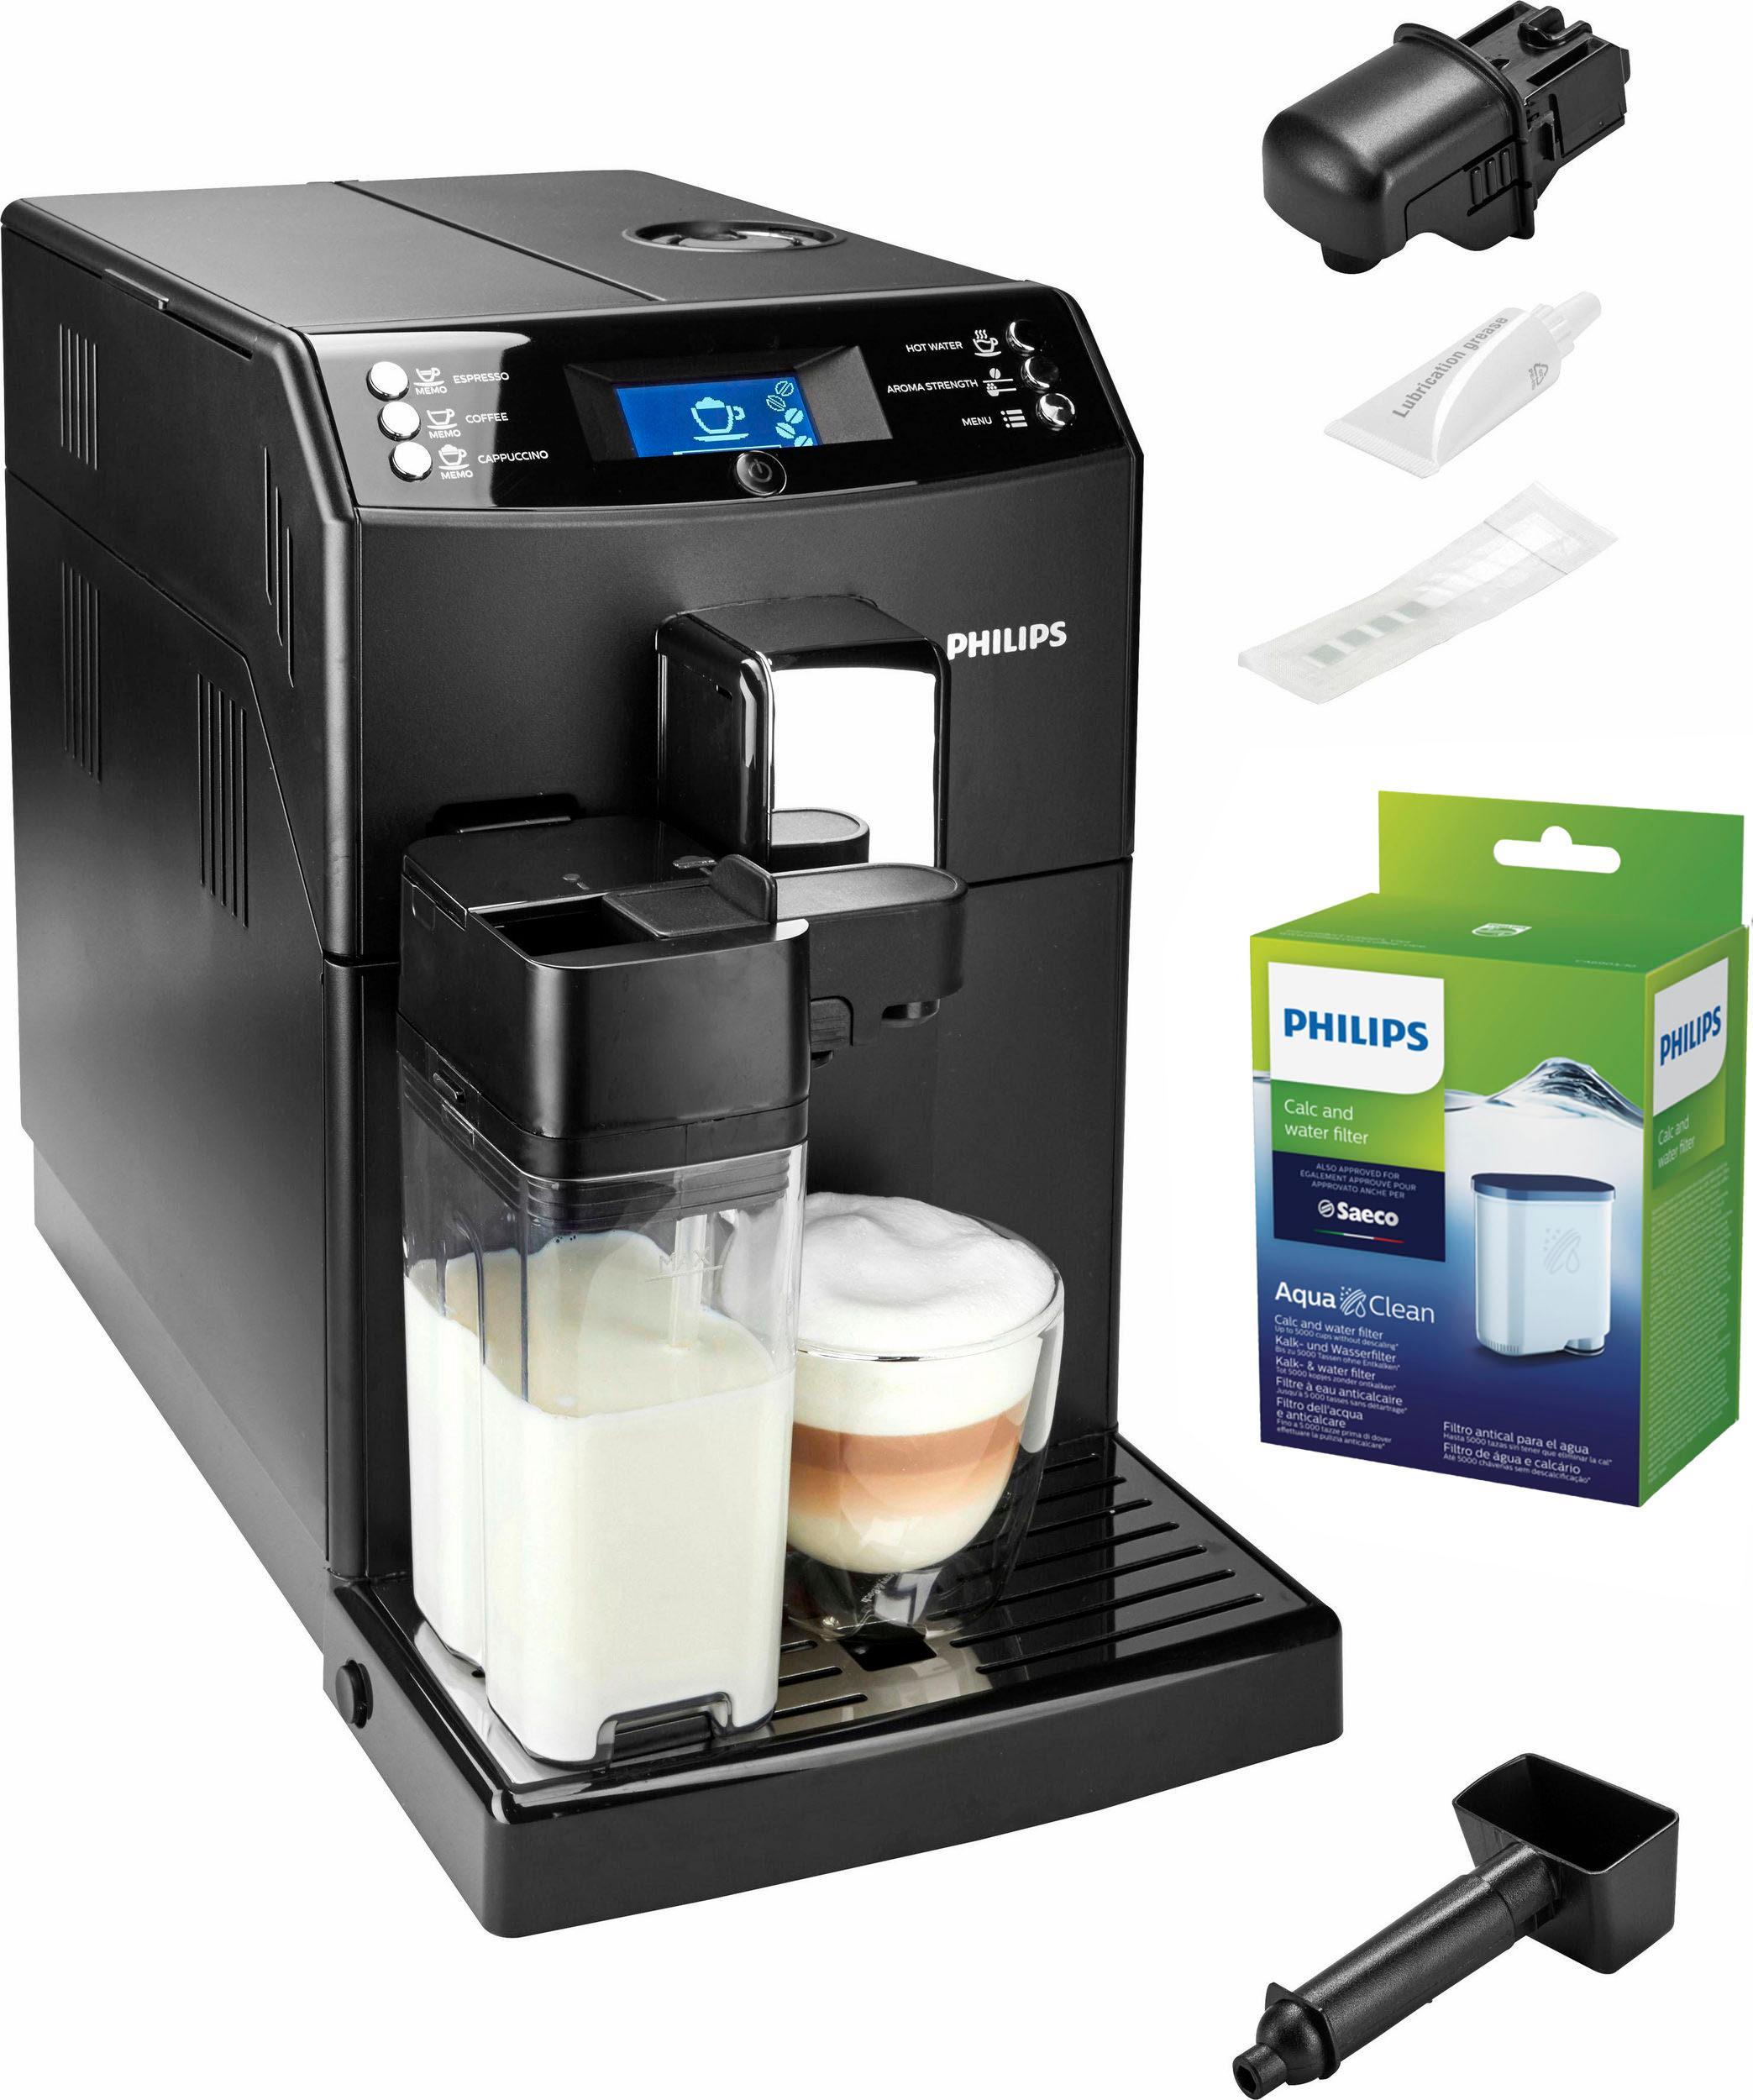 Philips Kaffeevollautomat 3100 Serie EP3550/00, 1, 8l Tank, Scheibenmahlwerk   Küche und Esszimmer > Kaffee und Tee > Kaffeevollautomaten   Schwarz   Keramik   Philips